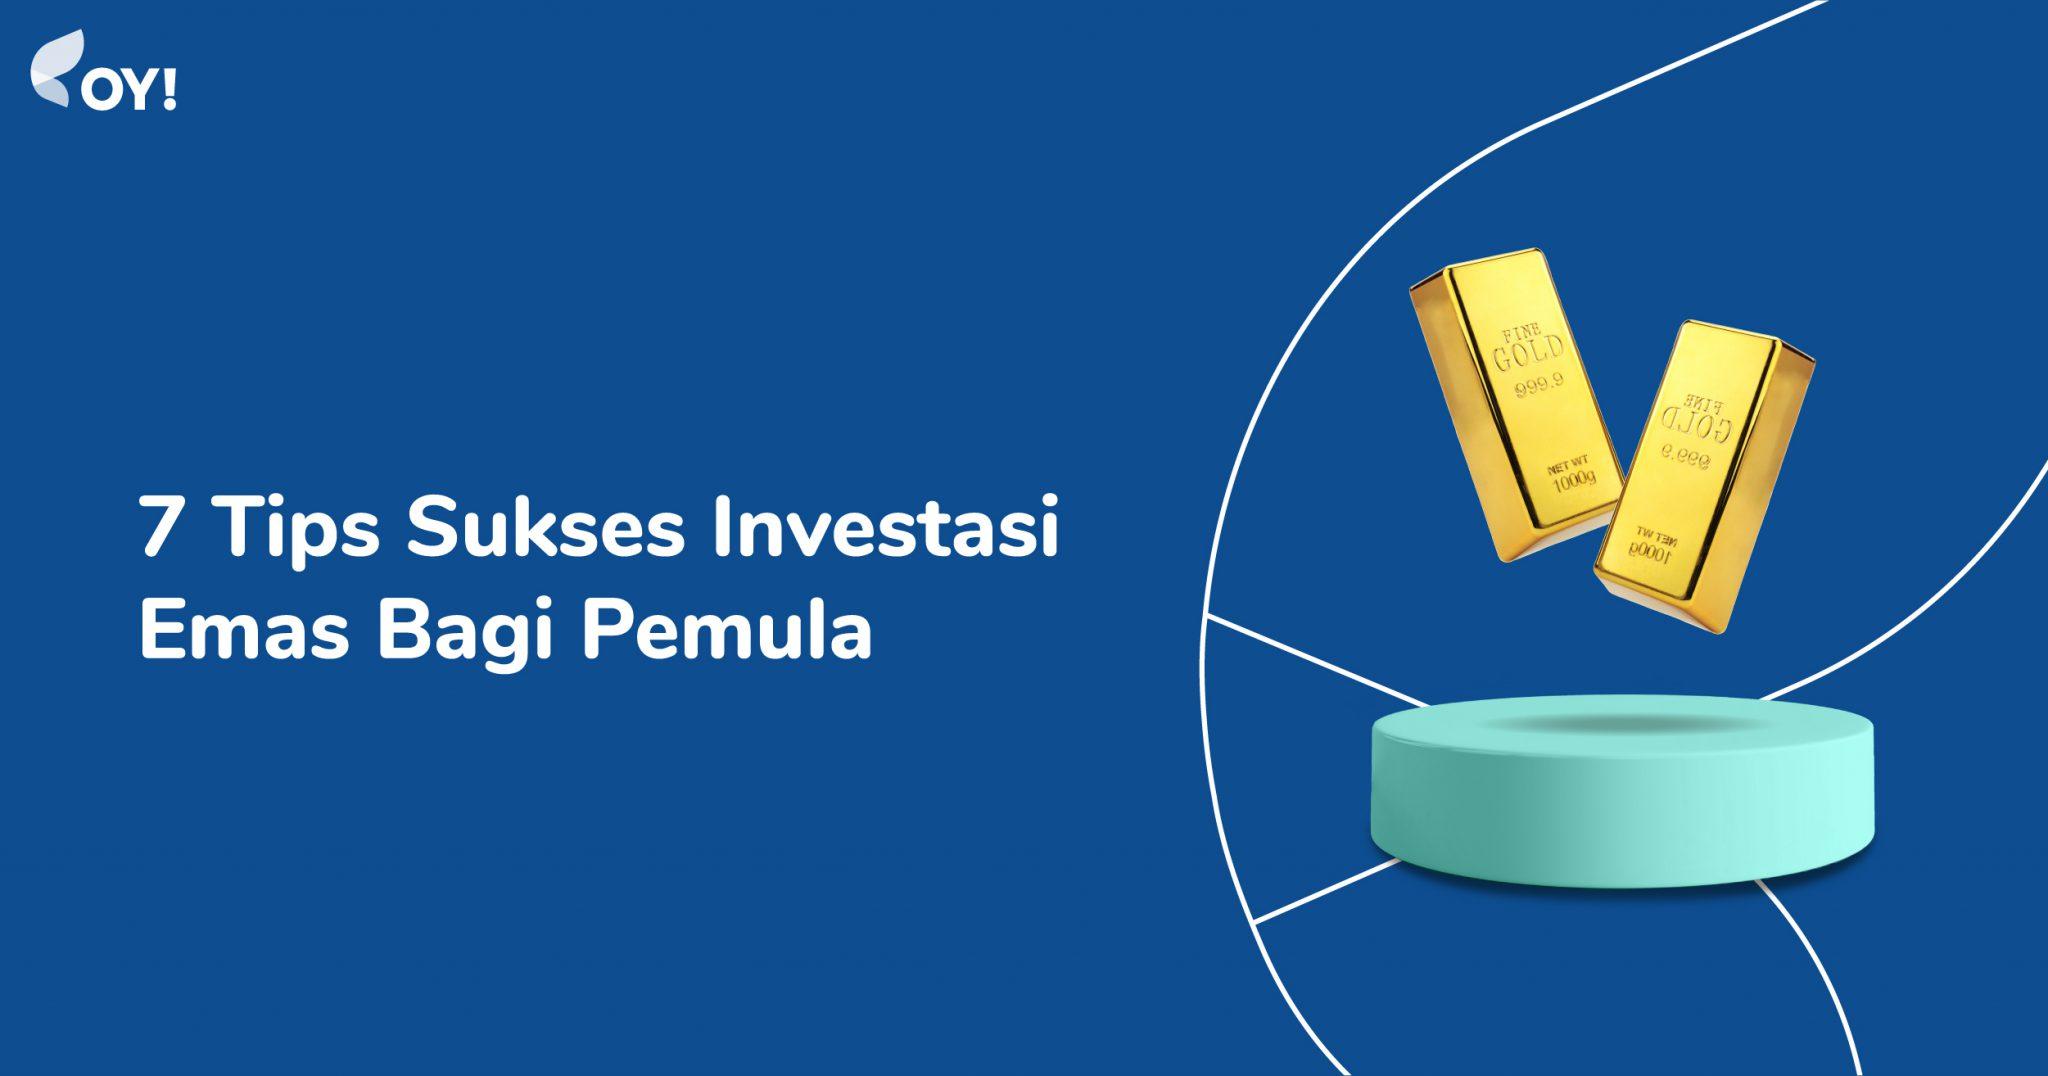 Tips Sukses Investasi Emas Bagi Pemula